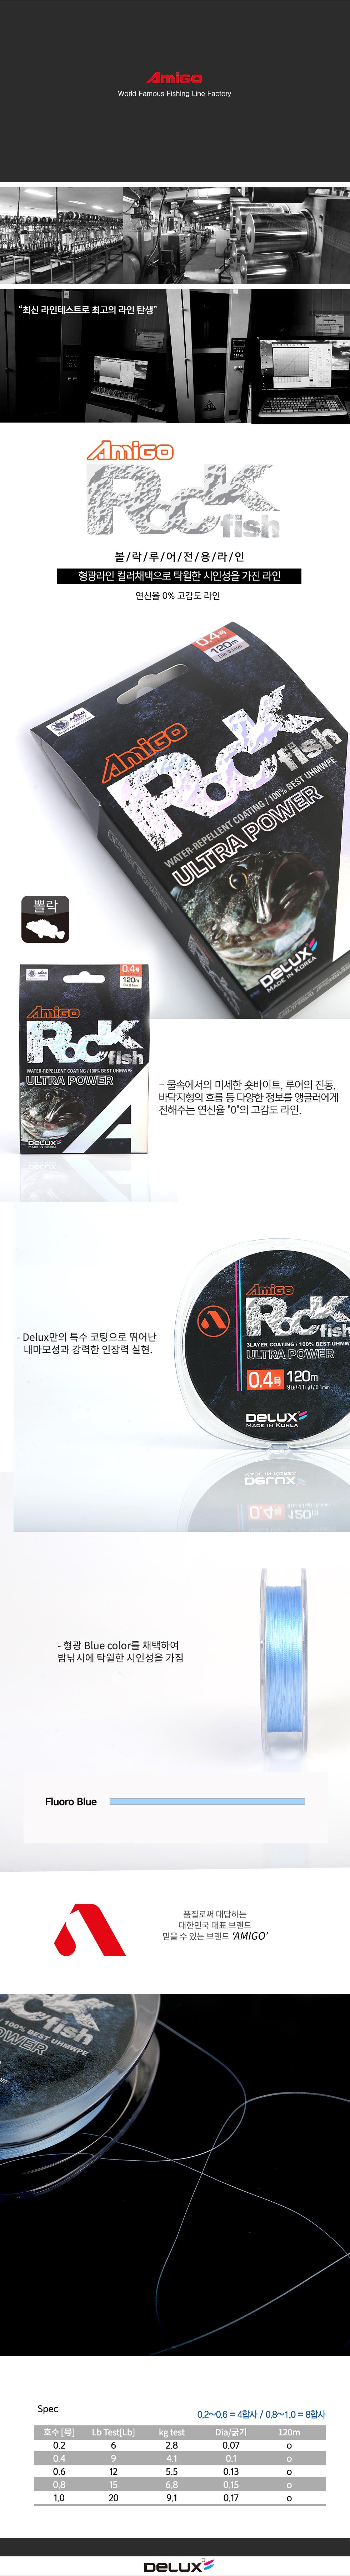 아미고 Rock fish 120m (락피쉬용합사)-블루 볼락합사 우럭합사 열기 황점볼락 놀래미 노래미 락피쉬합사 락피쉬PE 하드락합사 하드락피싱